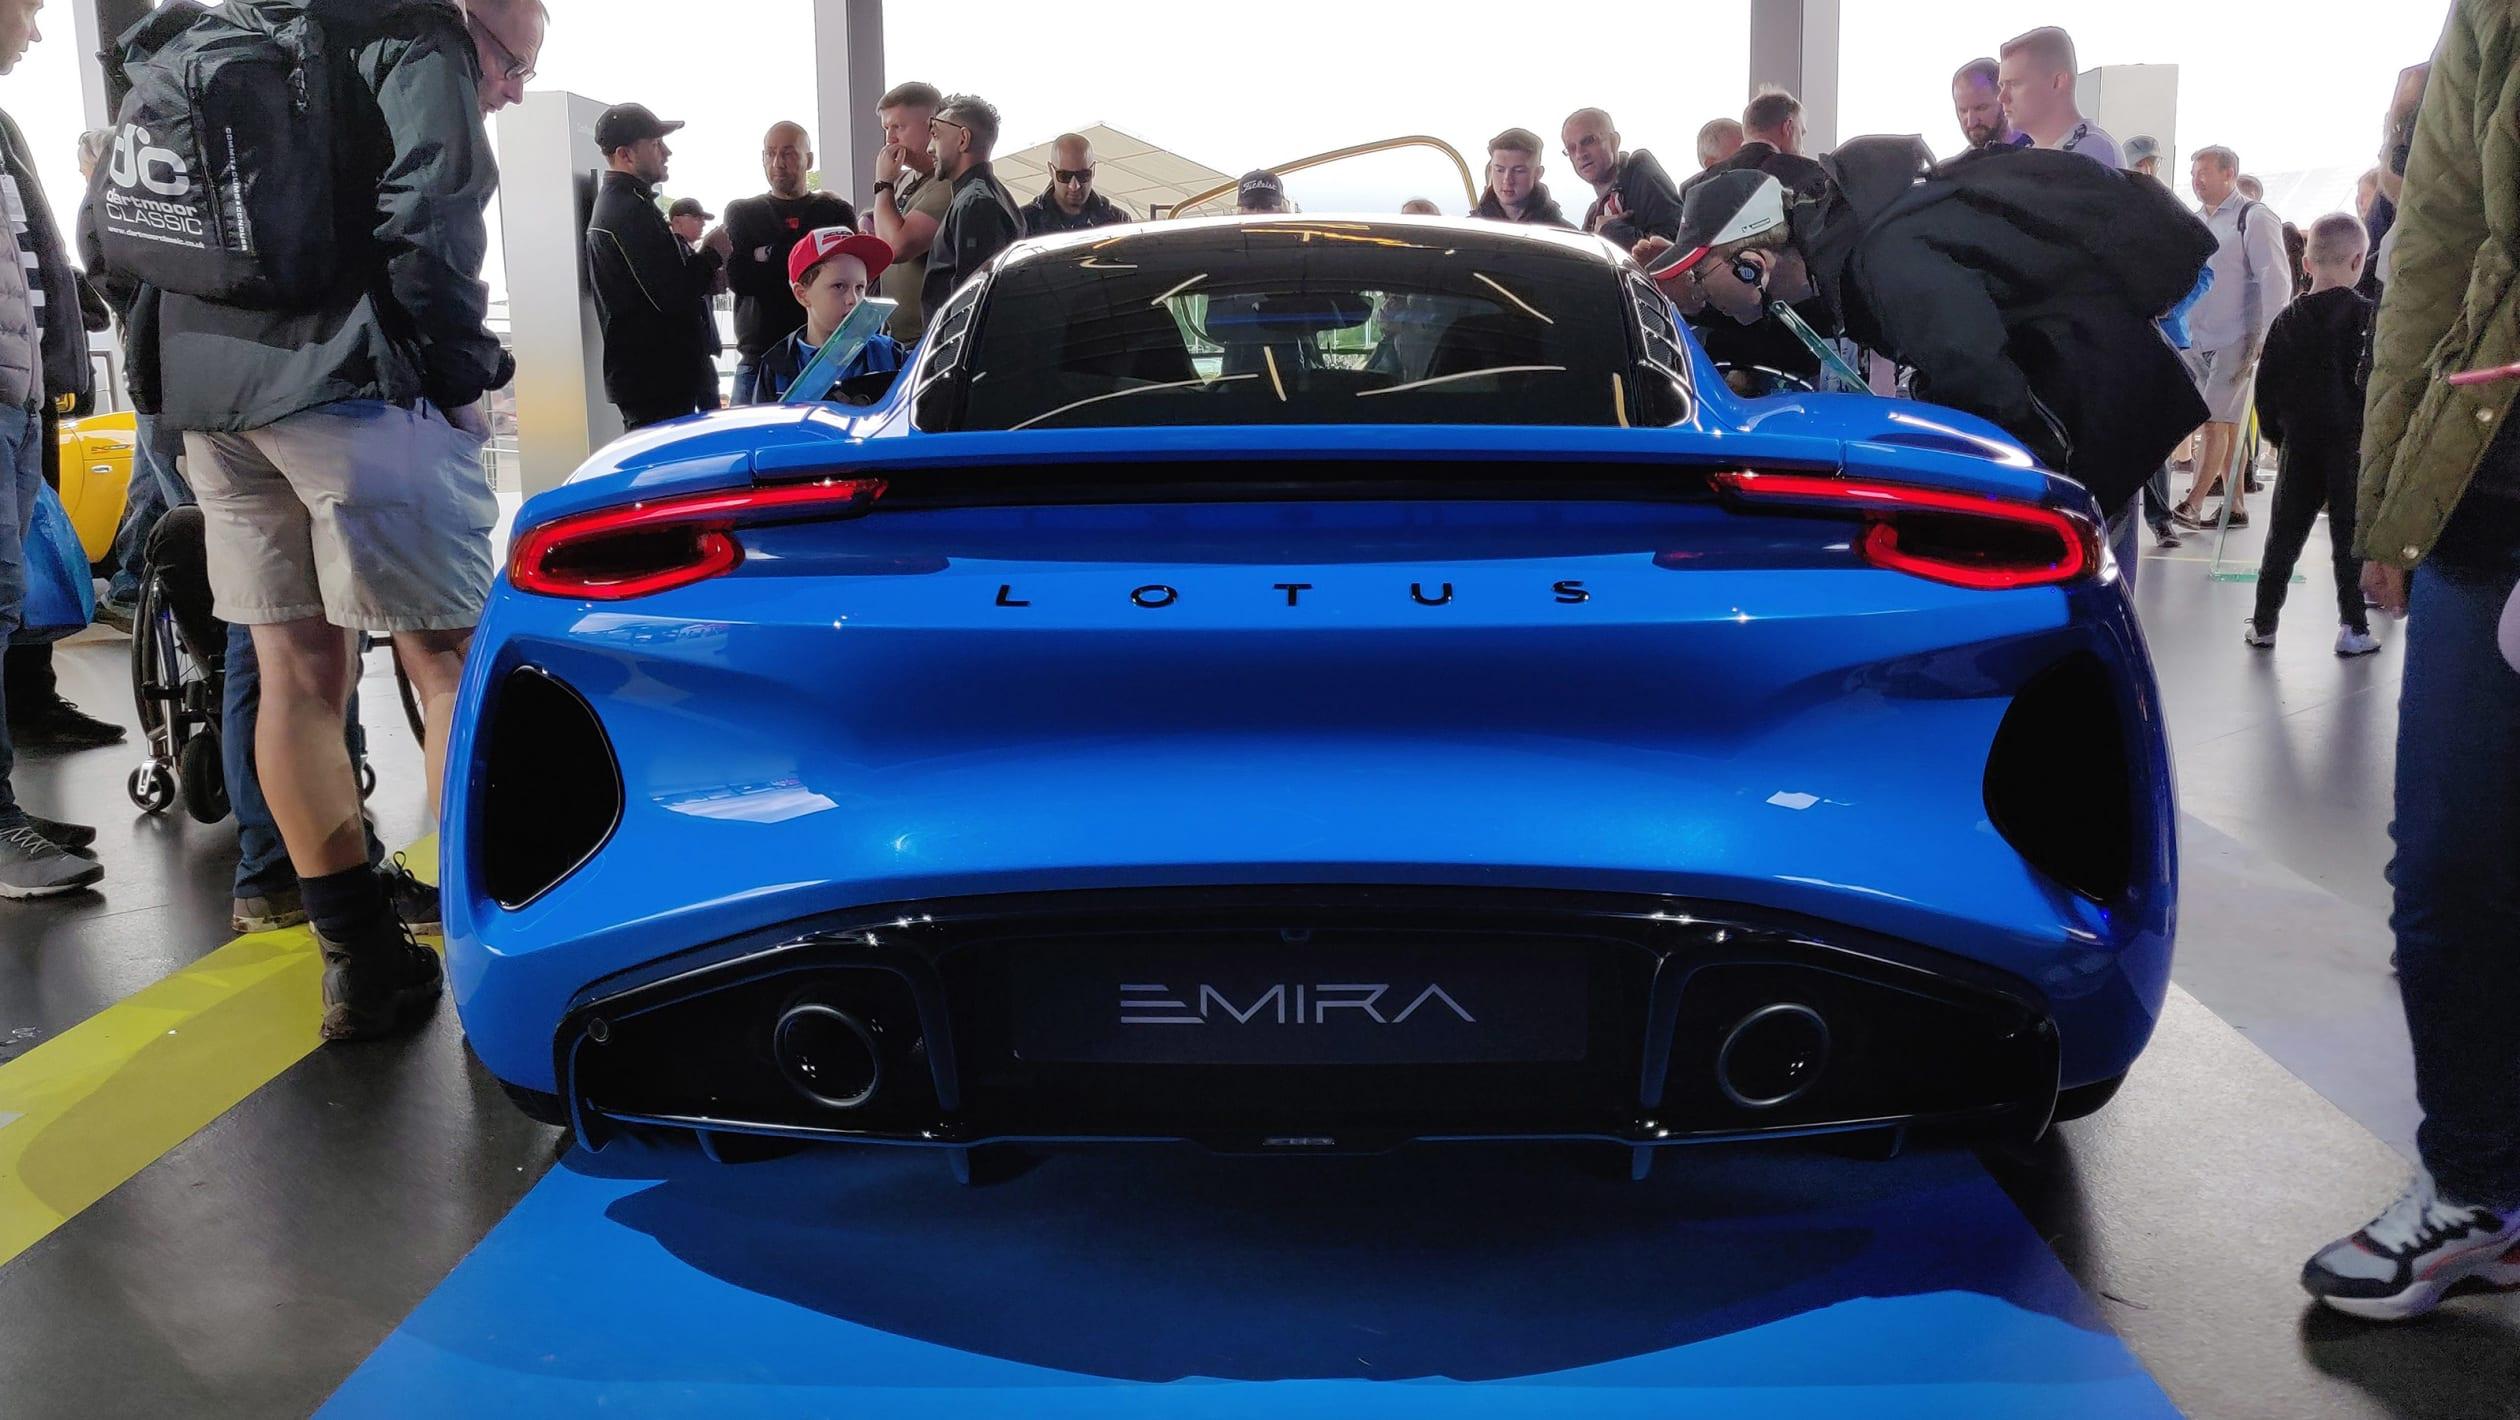 Lotus%20Emira%20FoS%202021-6.jpg